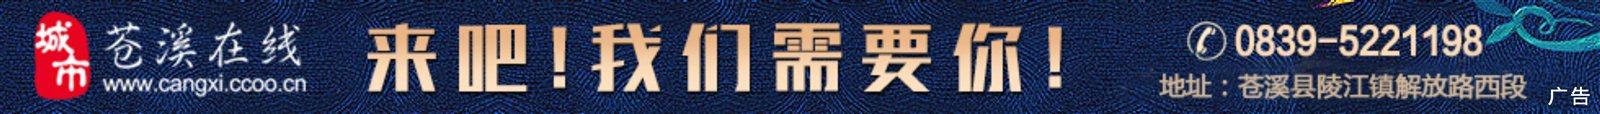 苍溪县腾达广场传媒有限公司